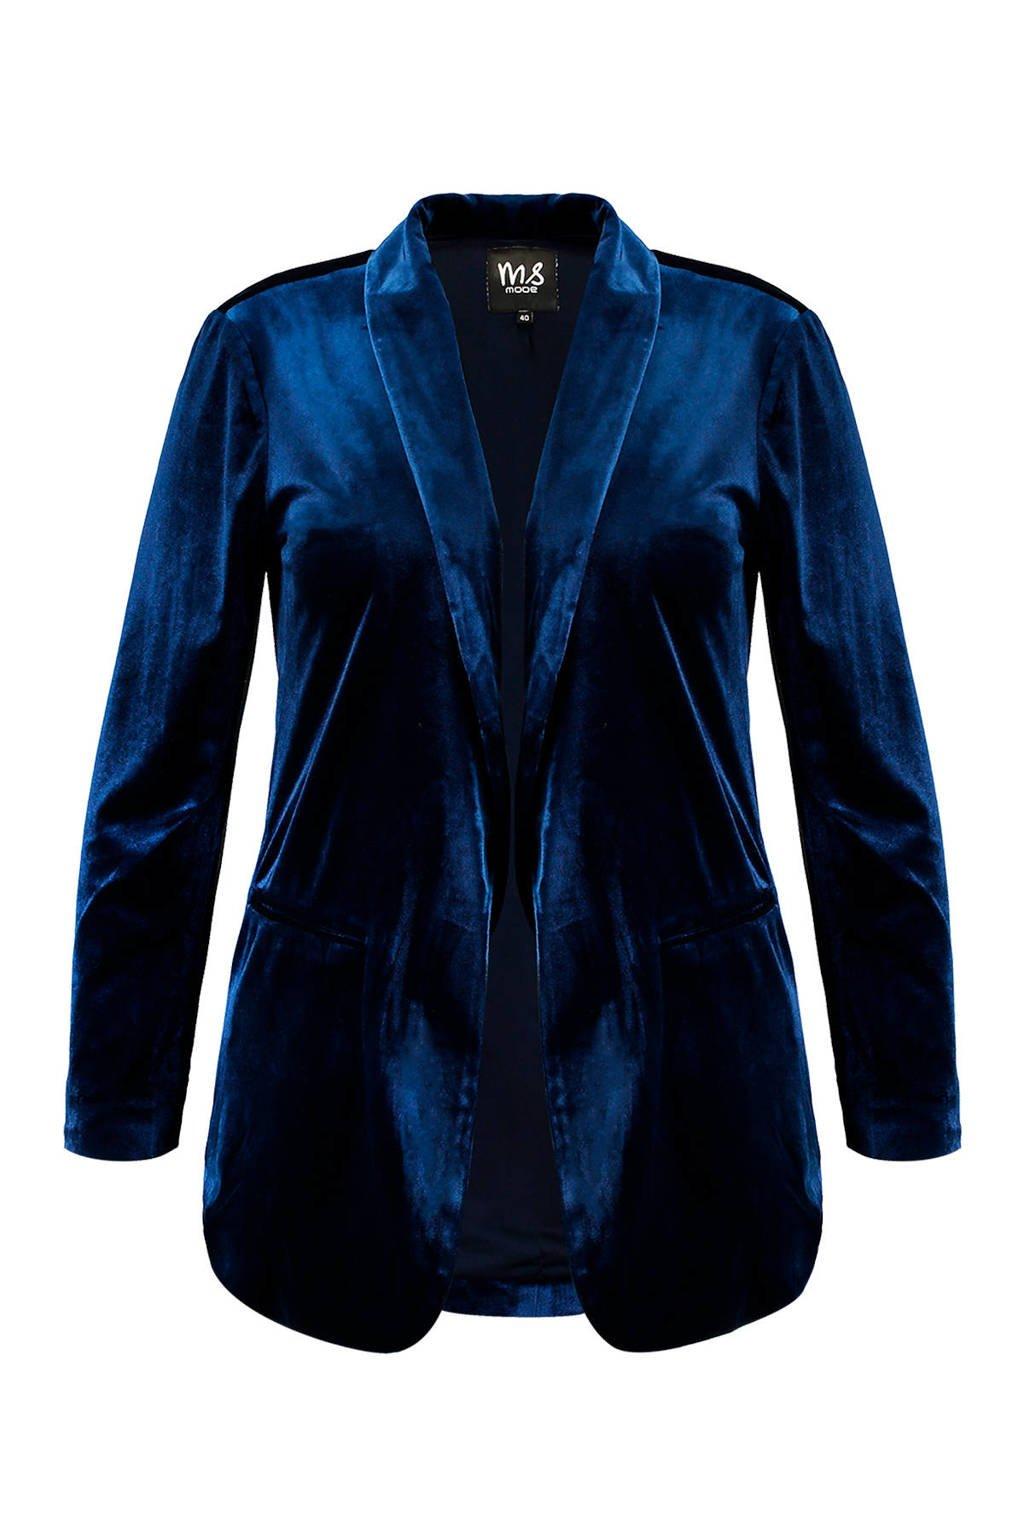 MS Mode fluwelen blazer, Navy blauw